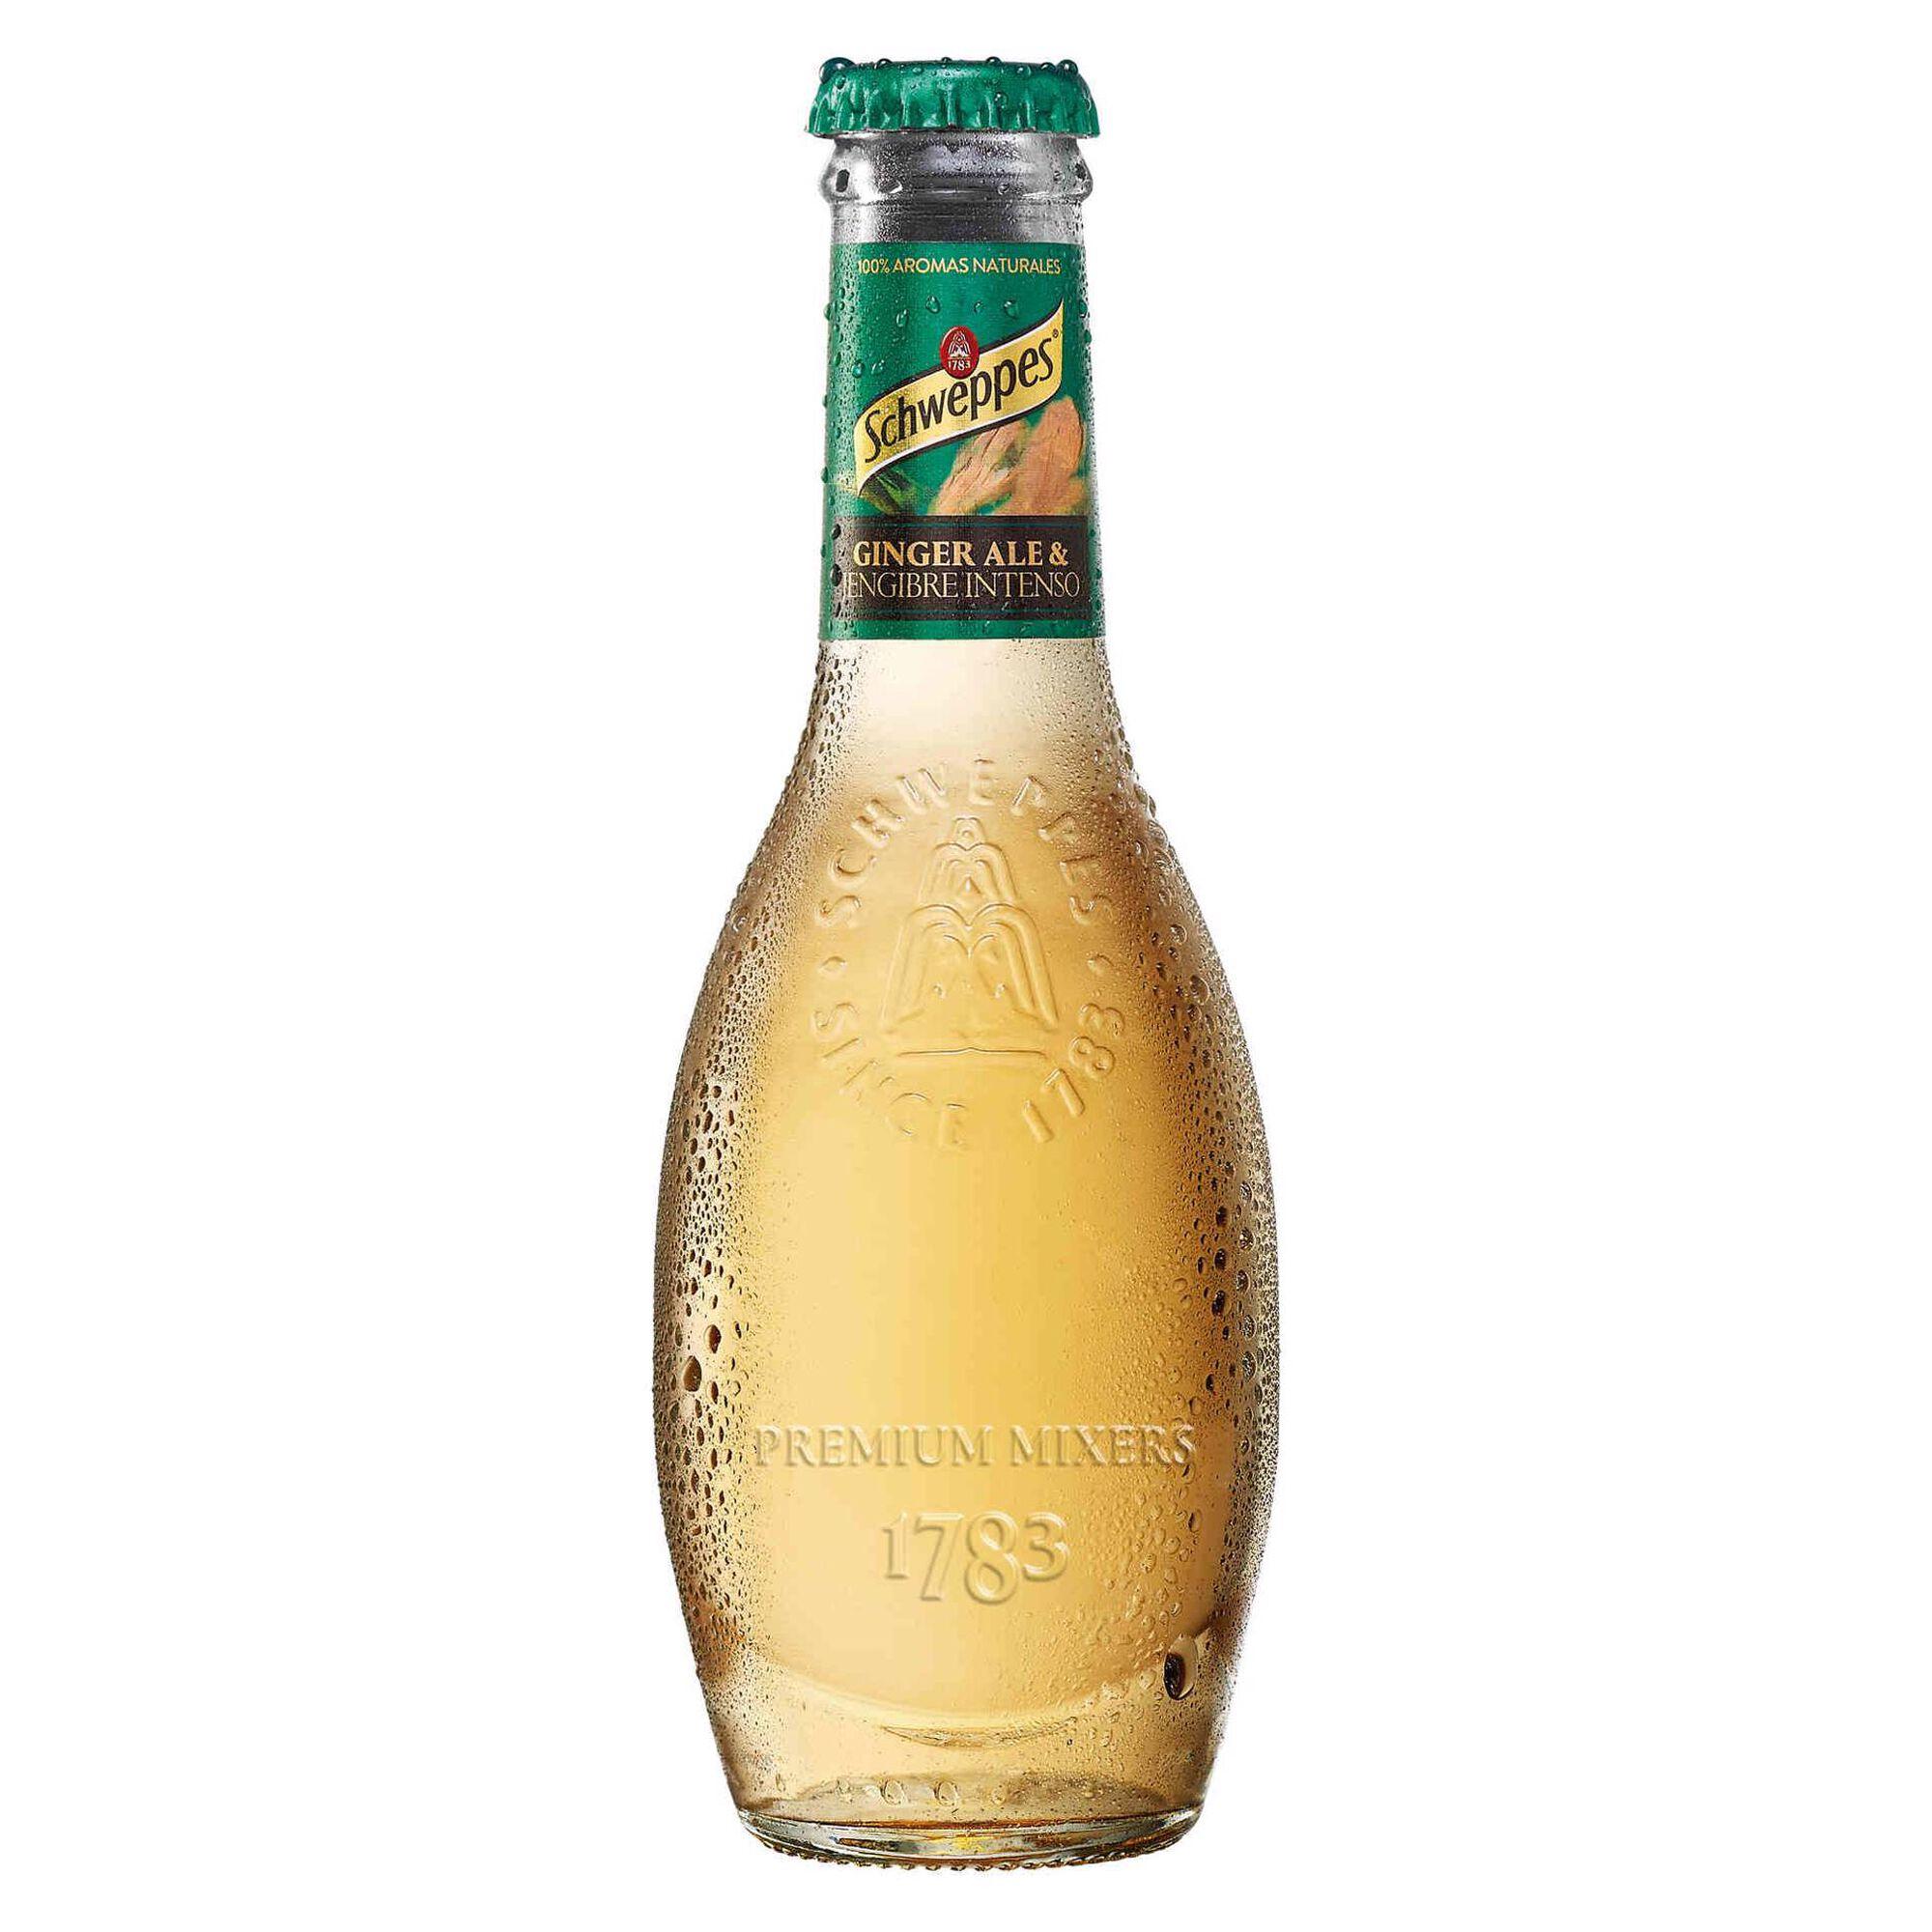 Ginger Ale Premium